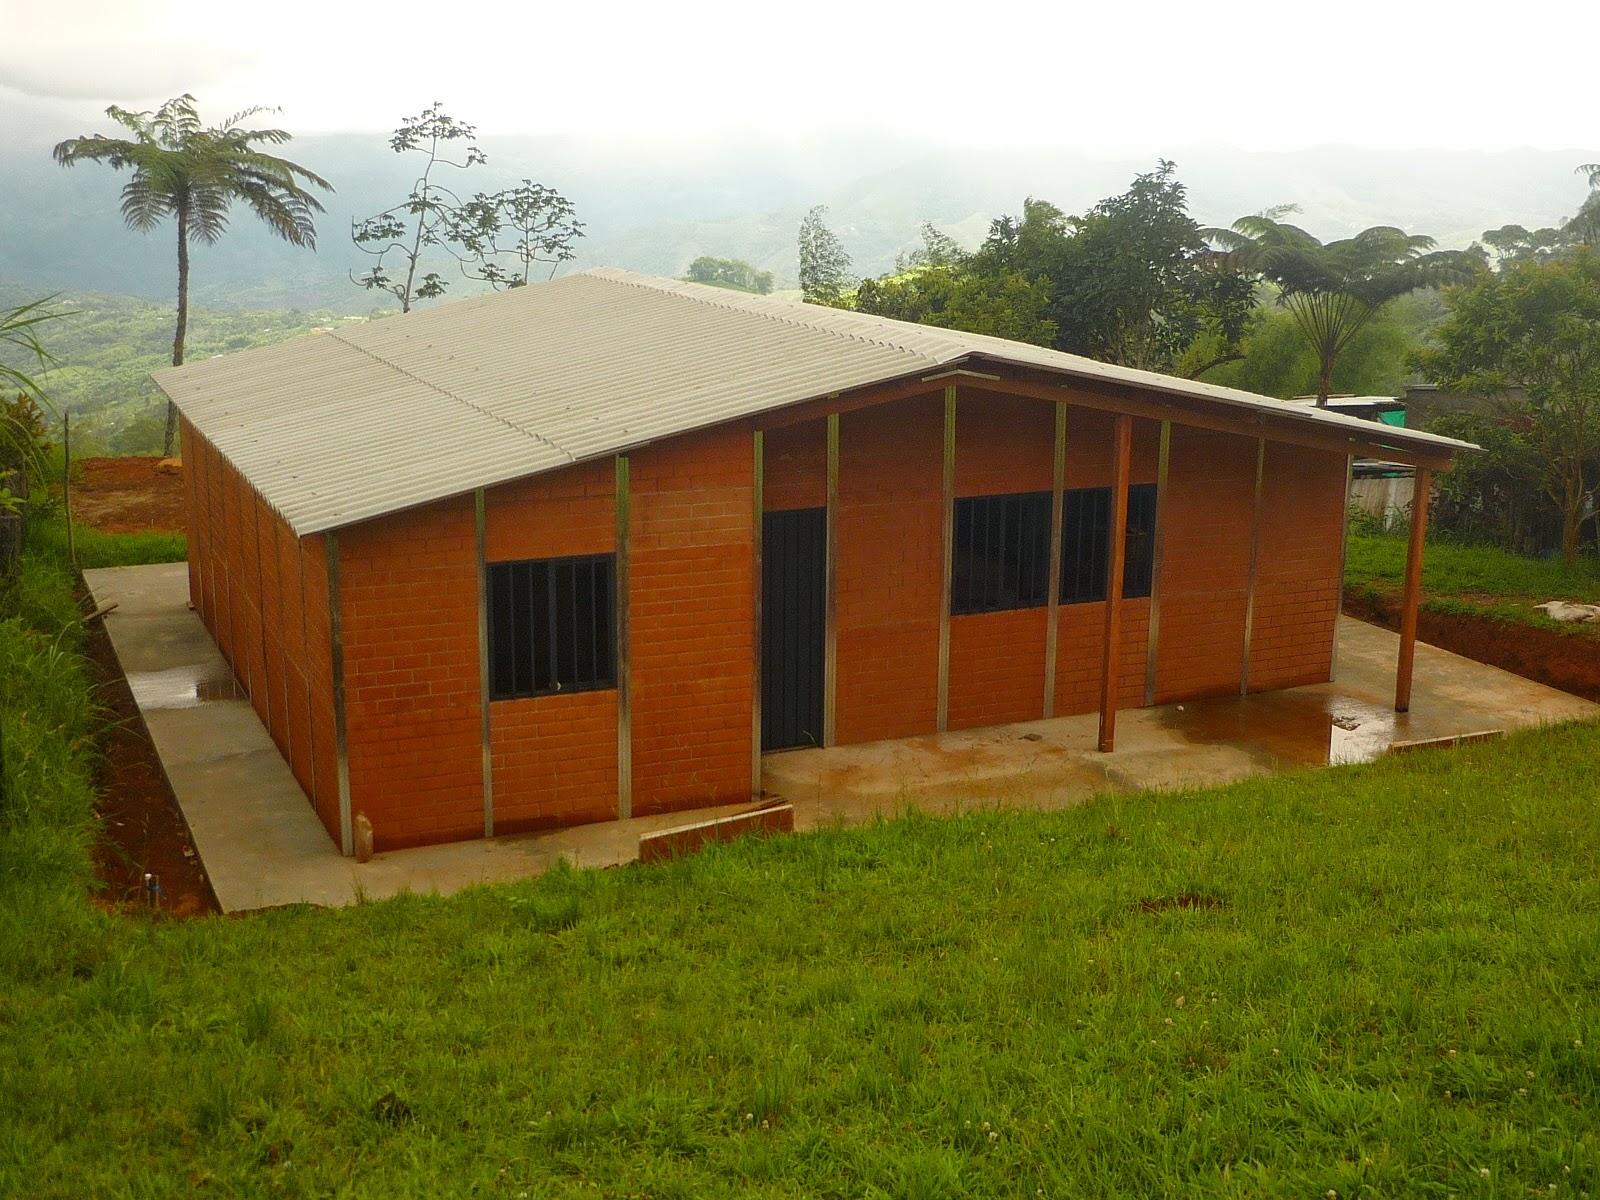 Casas prefabricadas cali colombia - Casas prefabricadas con precios ...